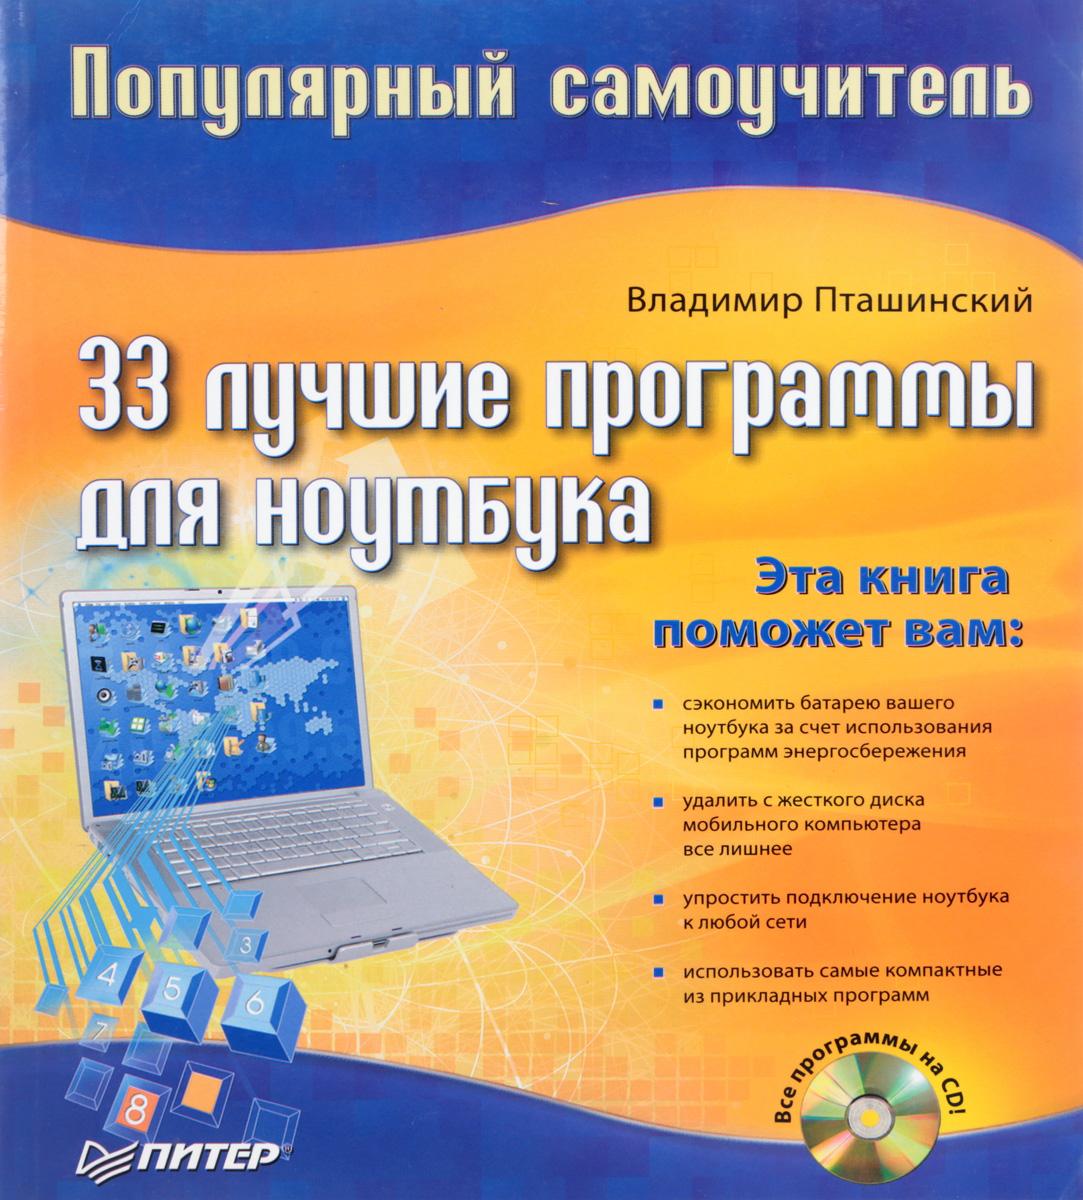 В. Пташинский 33 лучшие программы для ноутбука. Популярный самоучитель